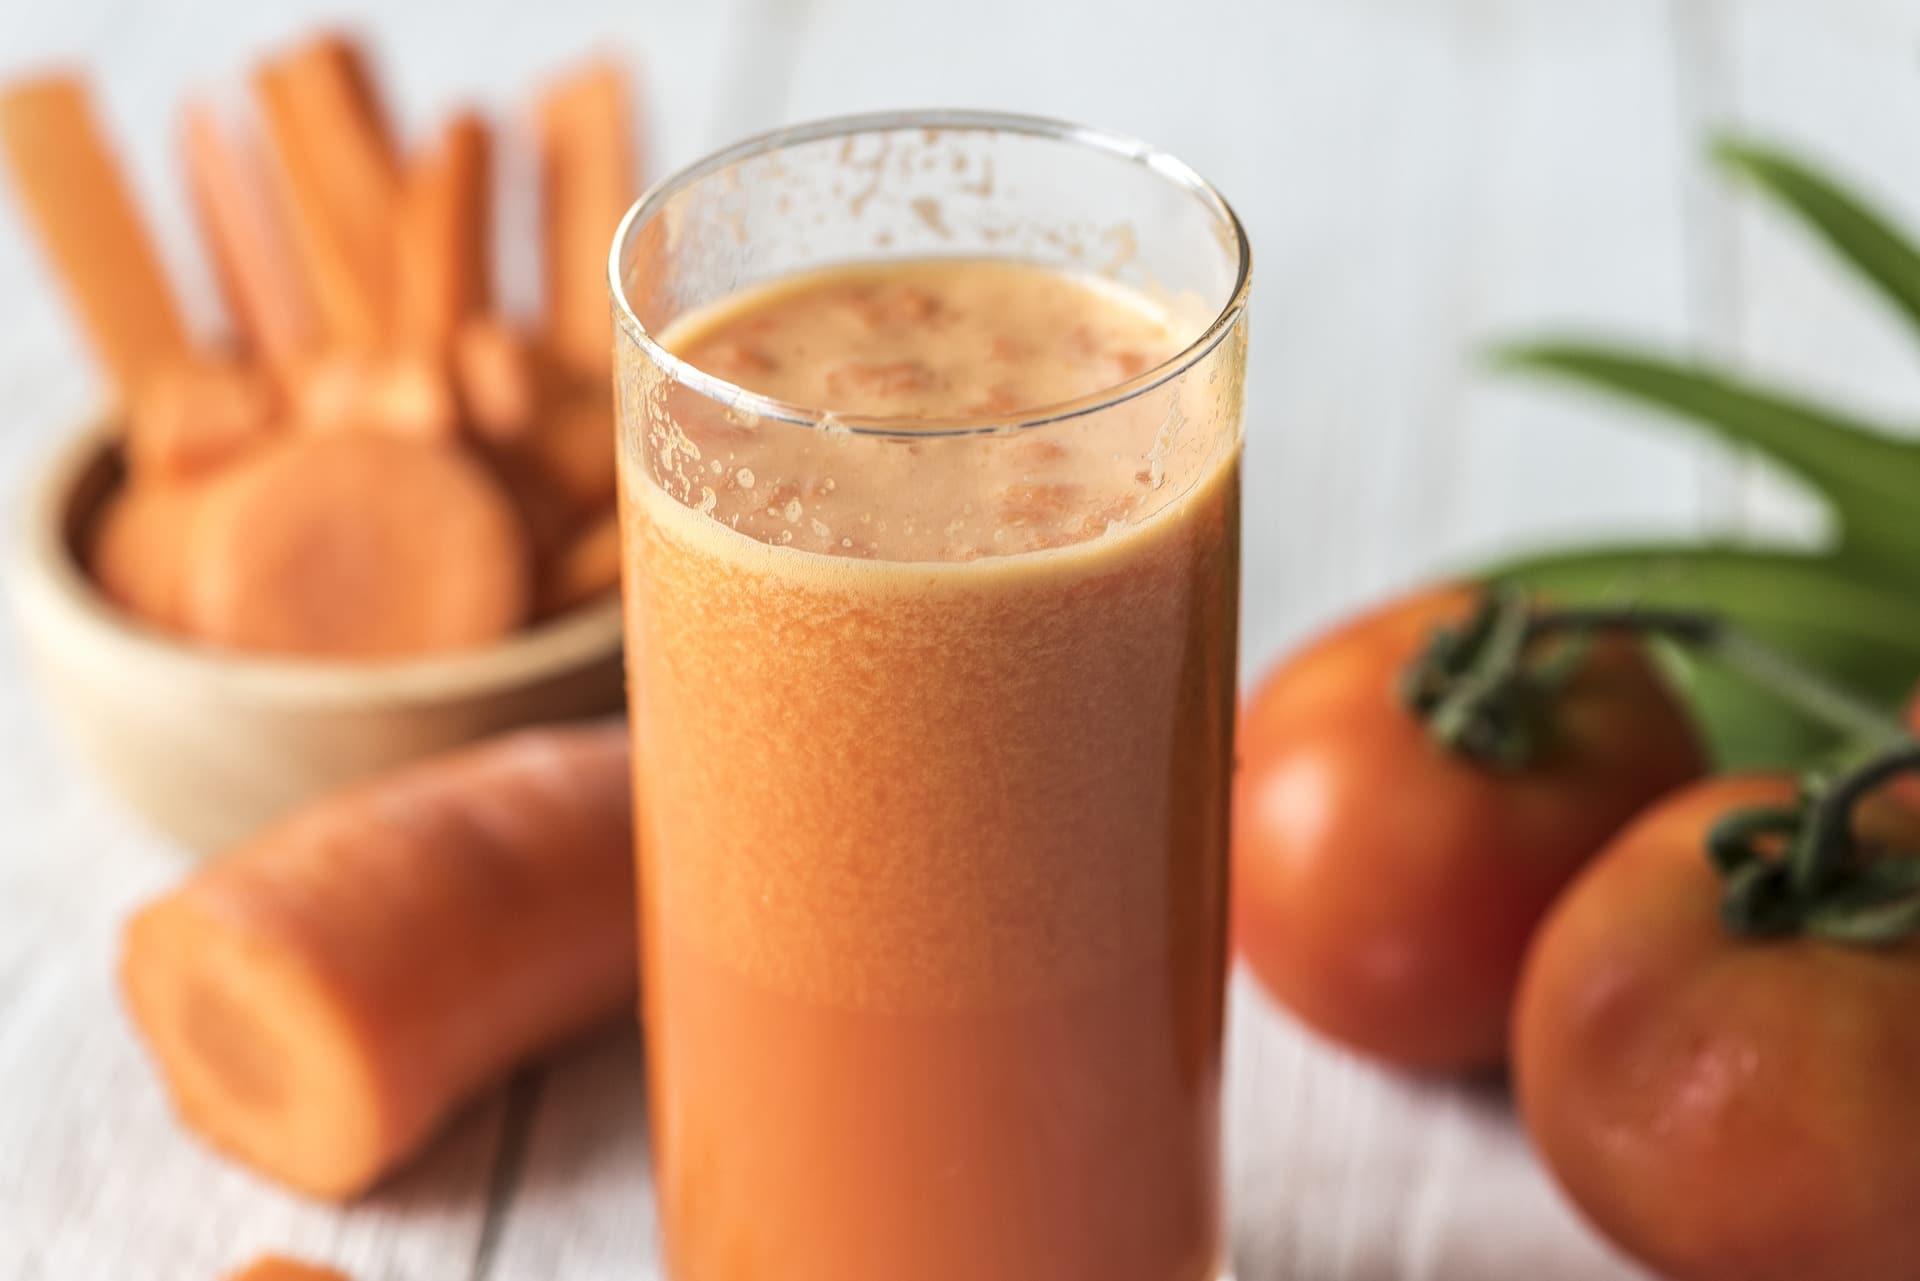 Čerstvá mrkvová šťáva má detoxikační, antioxidační, antiseptické a anitbakteriální účinky / foto: pixabay.com